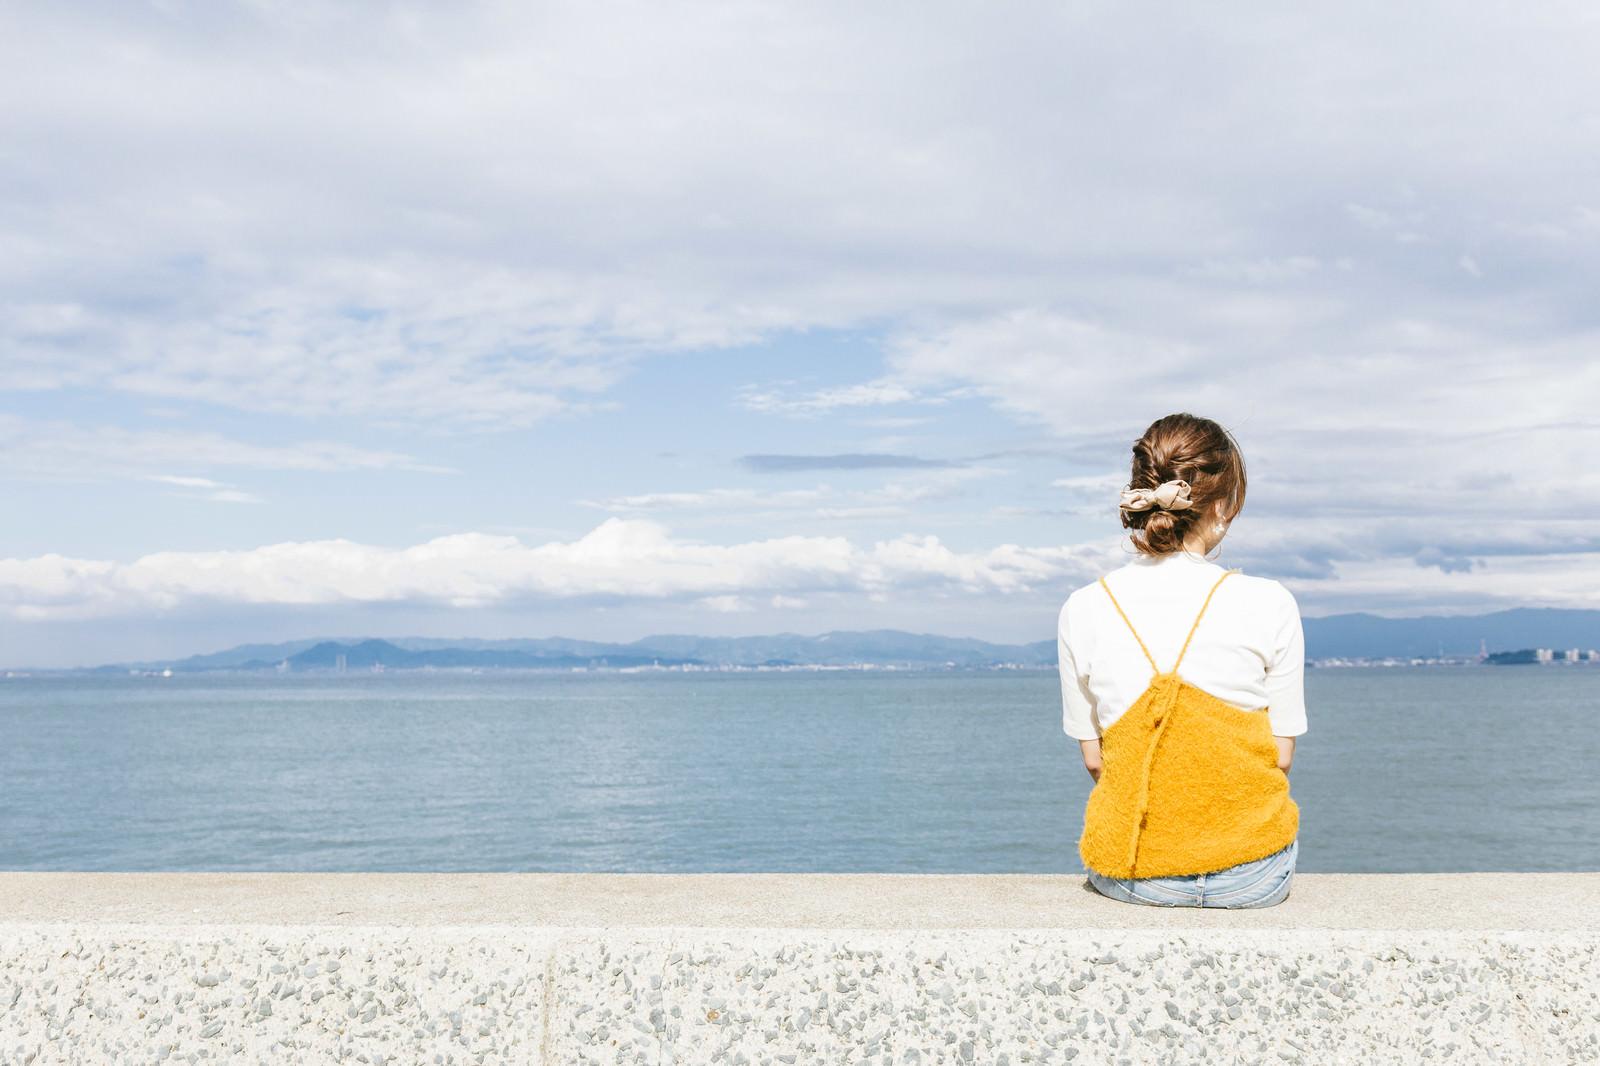 「埠頭に座る女子」の写真